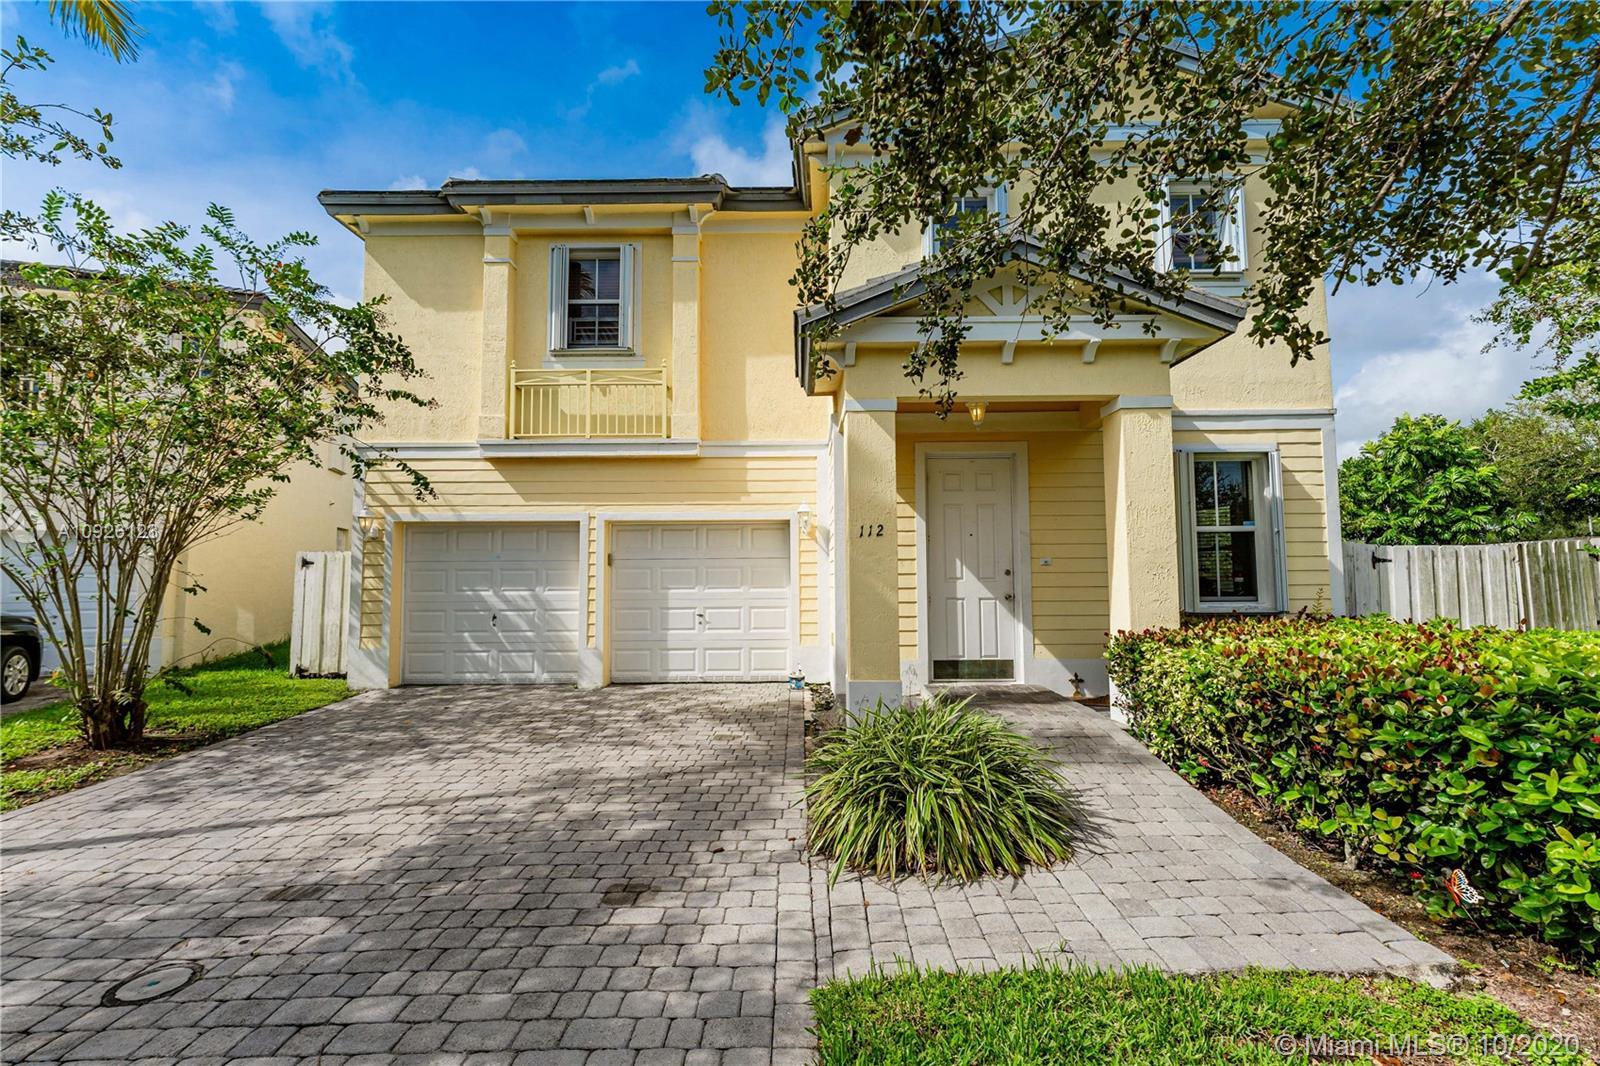 112 NE 31st Ave Property Photo